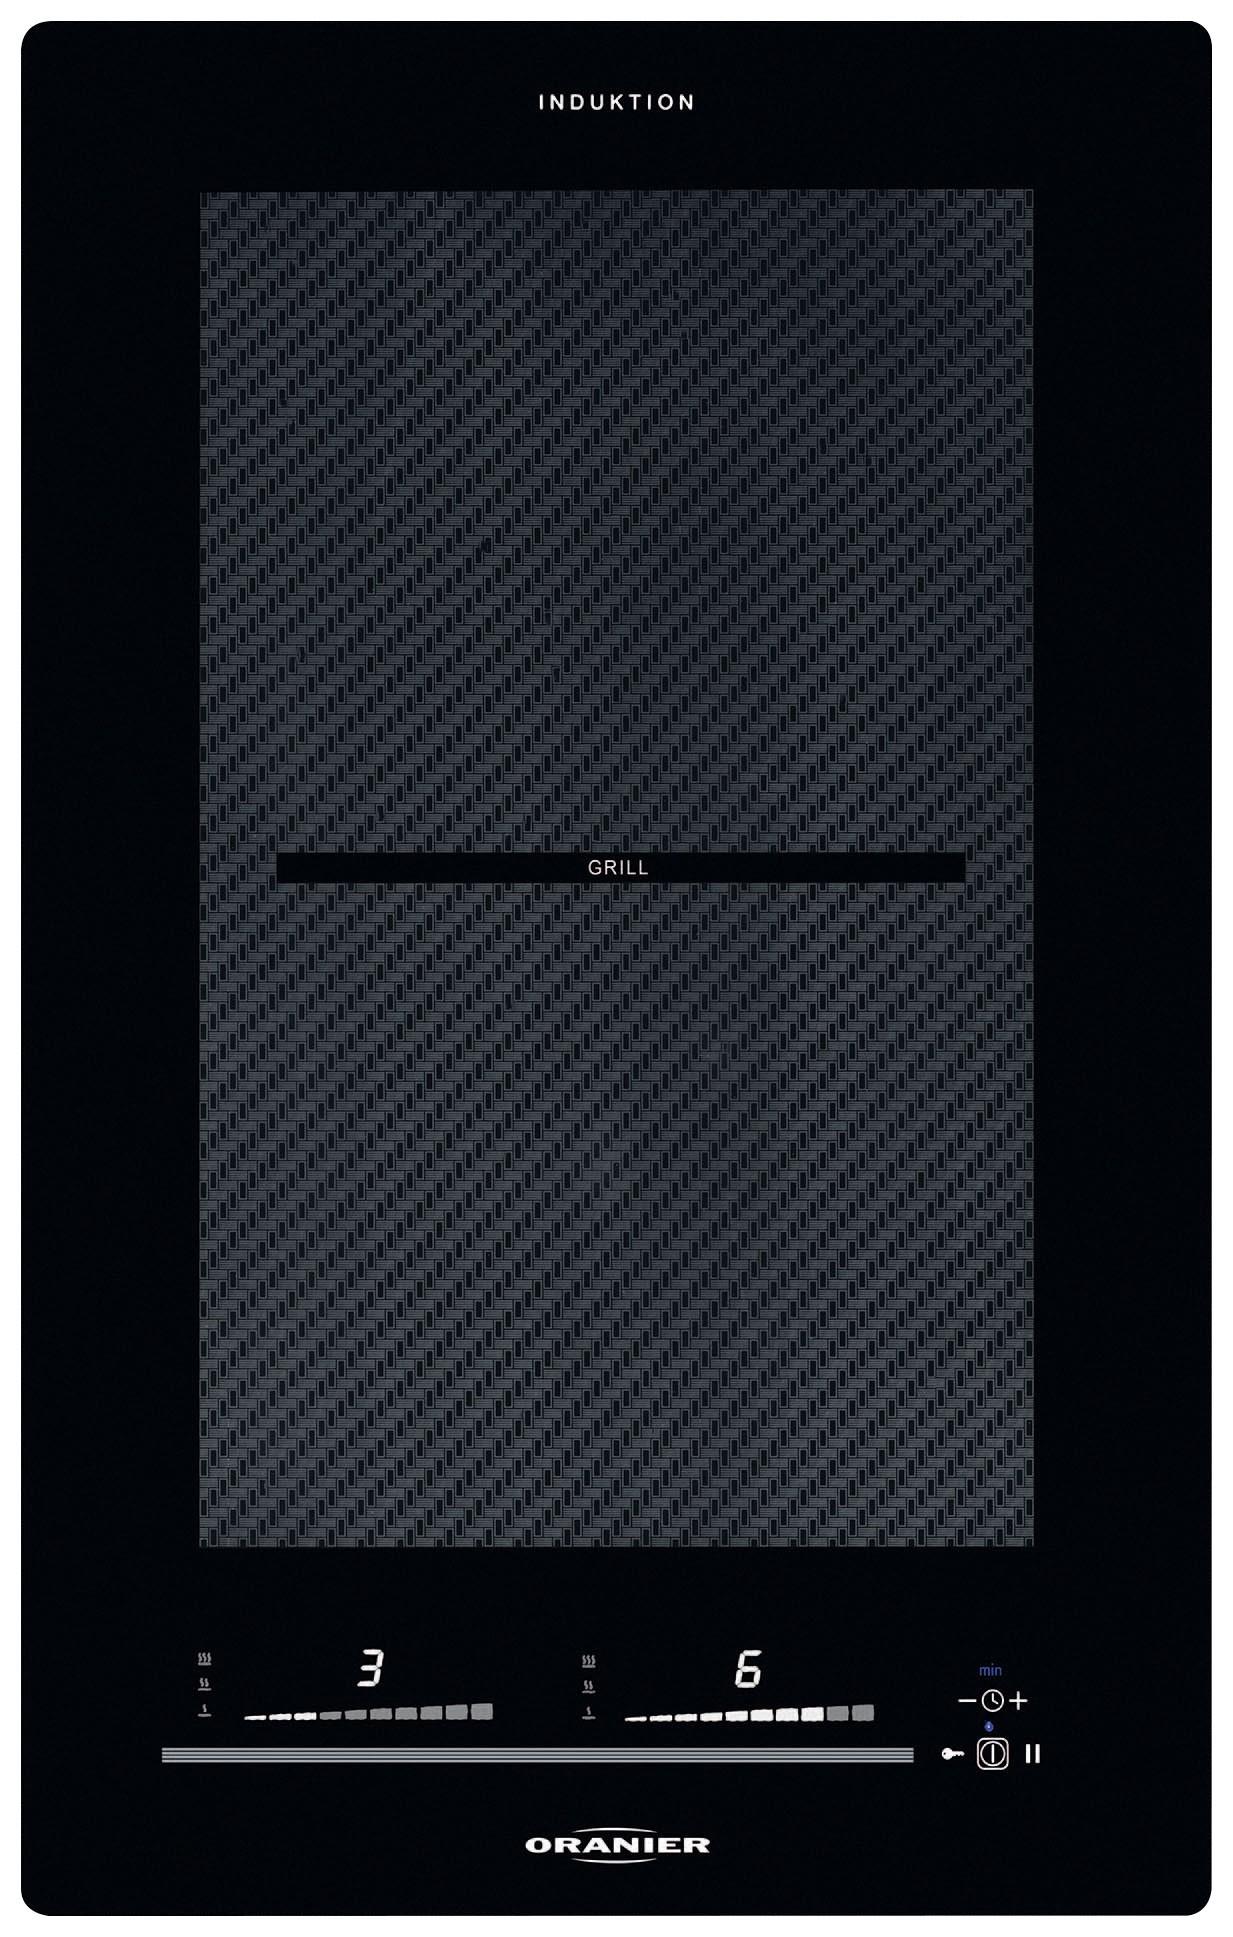 oranier fli 2038 incl grillfunktion m preisvorschl zum bestpreis ebay. Black Bedroom Furniture Sets. Home Design Ideas